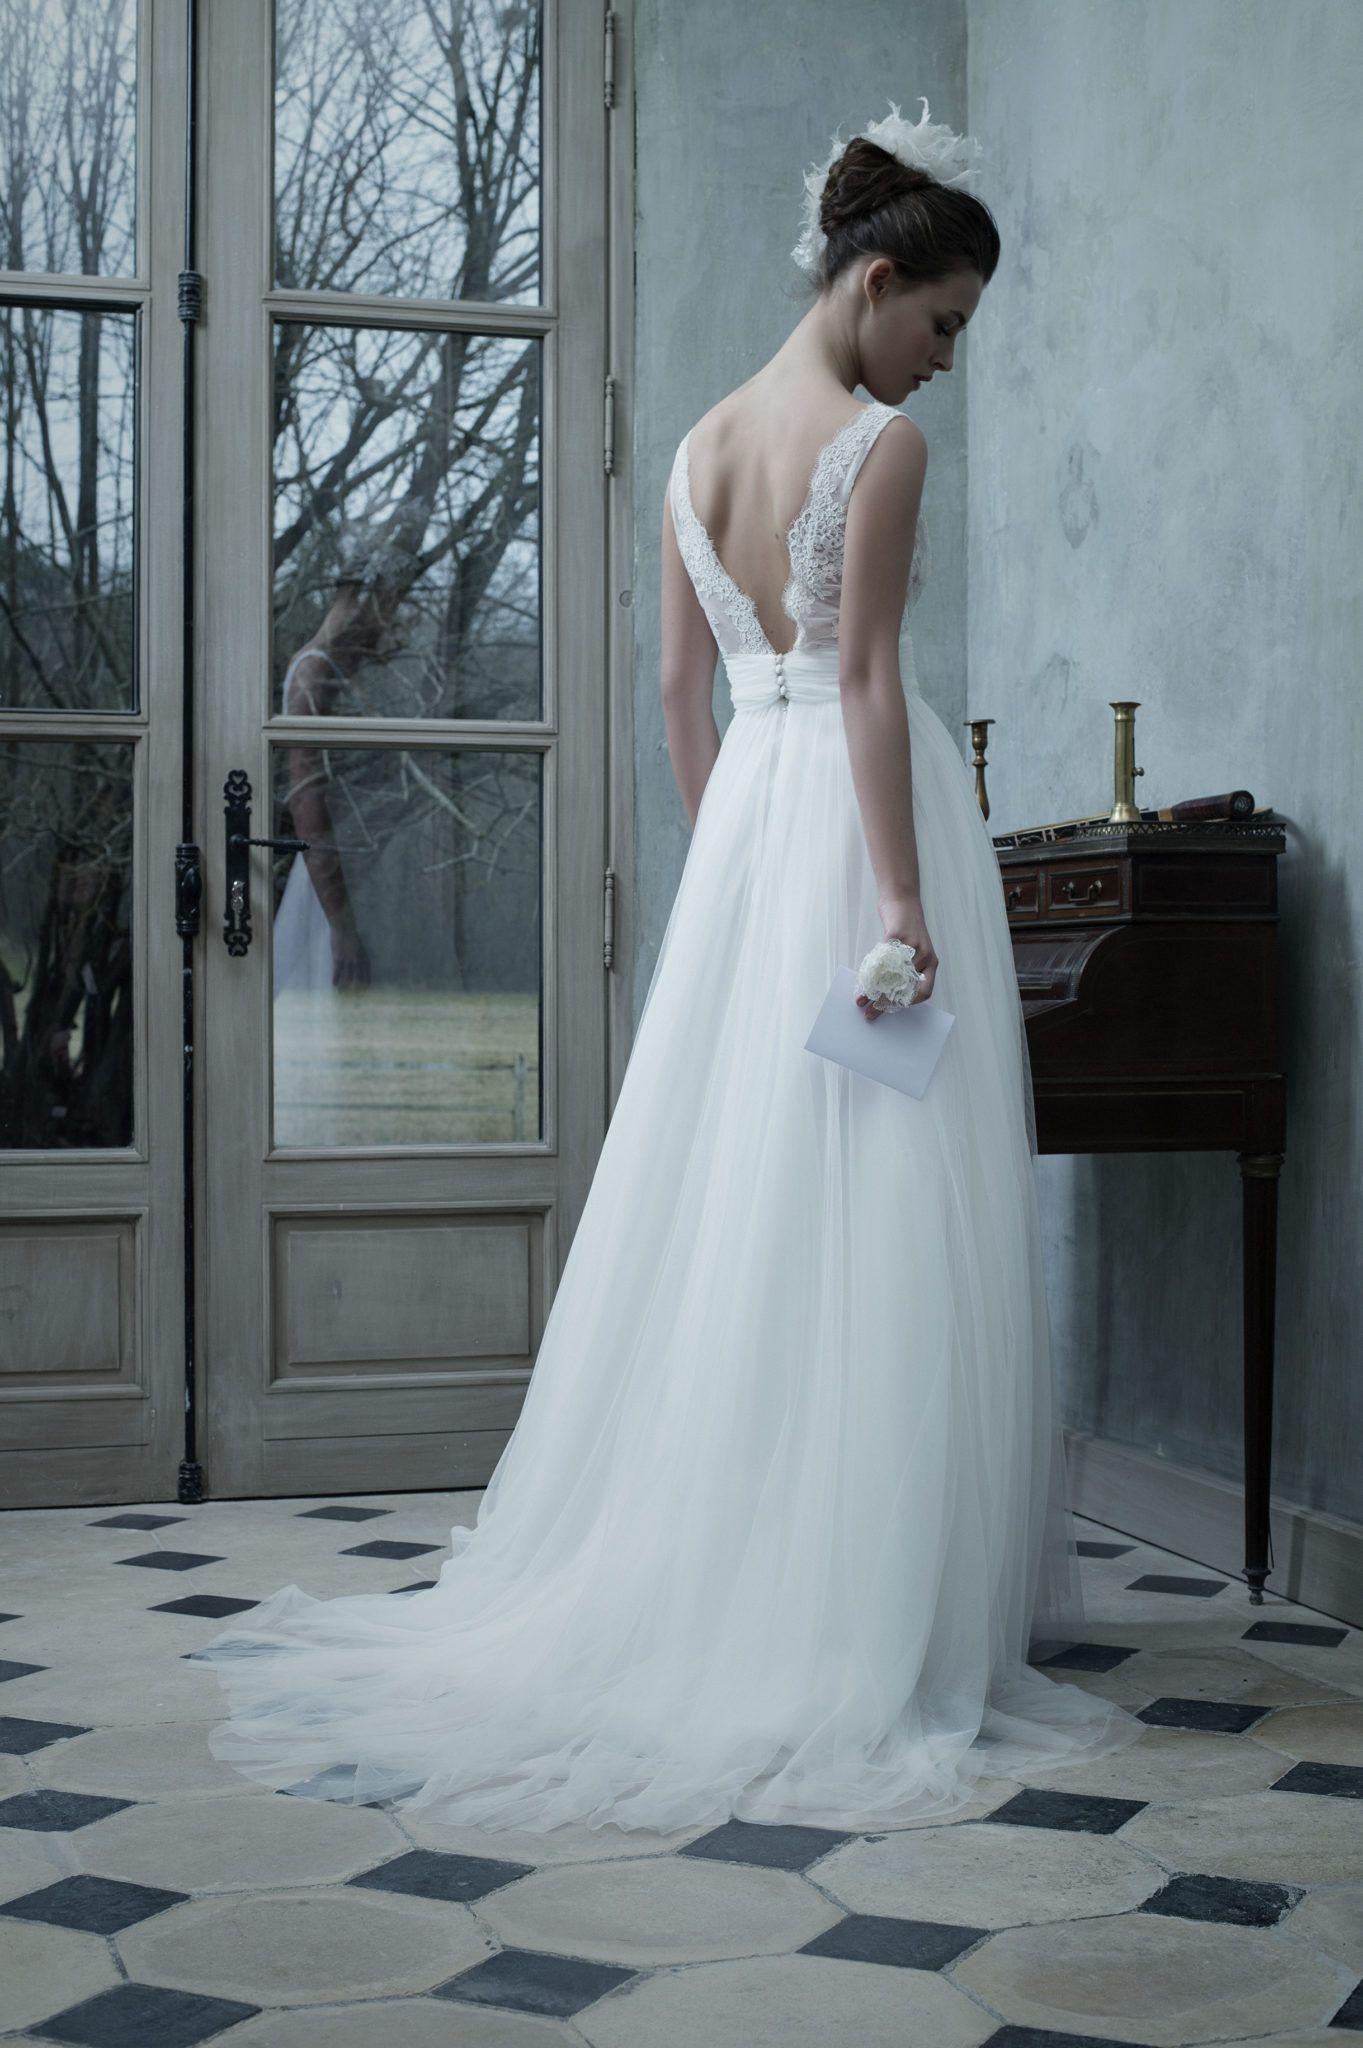 Robe Belen | Novios, De novia y Vestidos novia